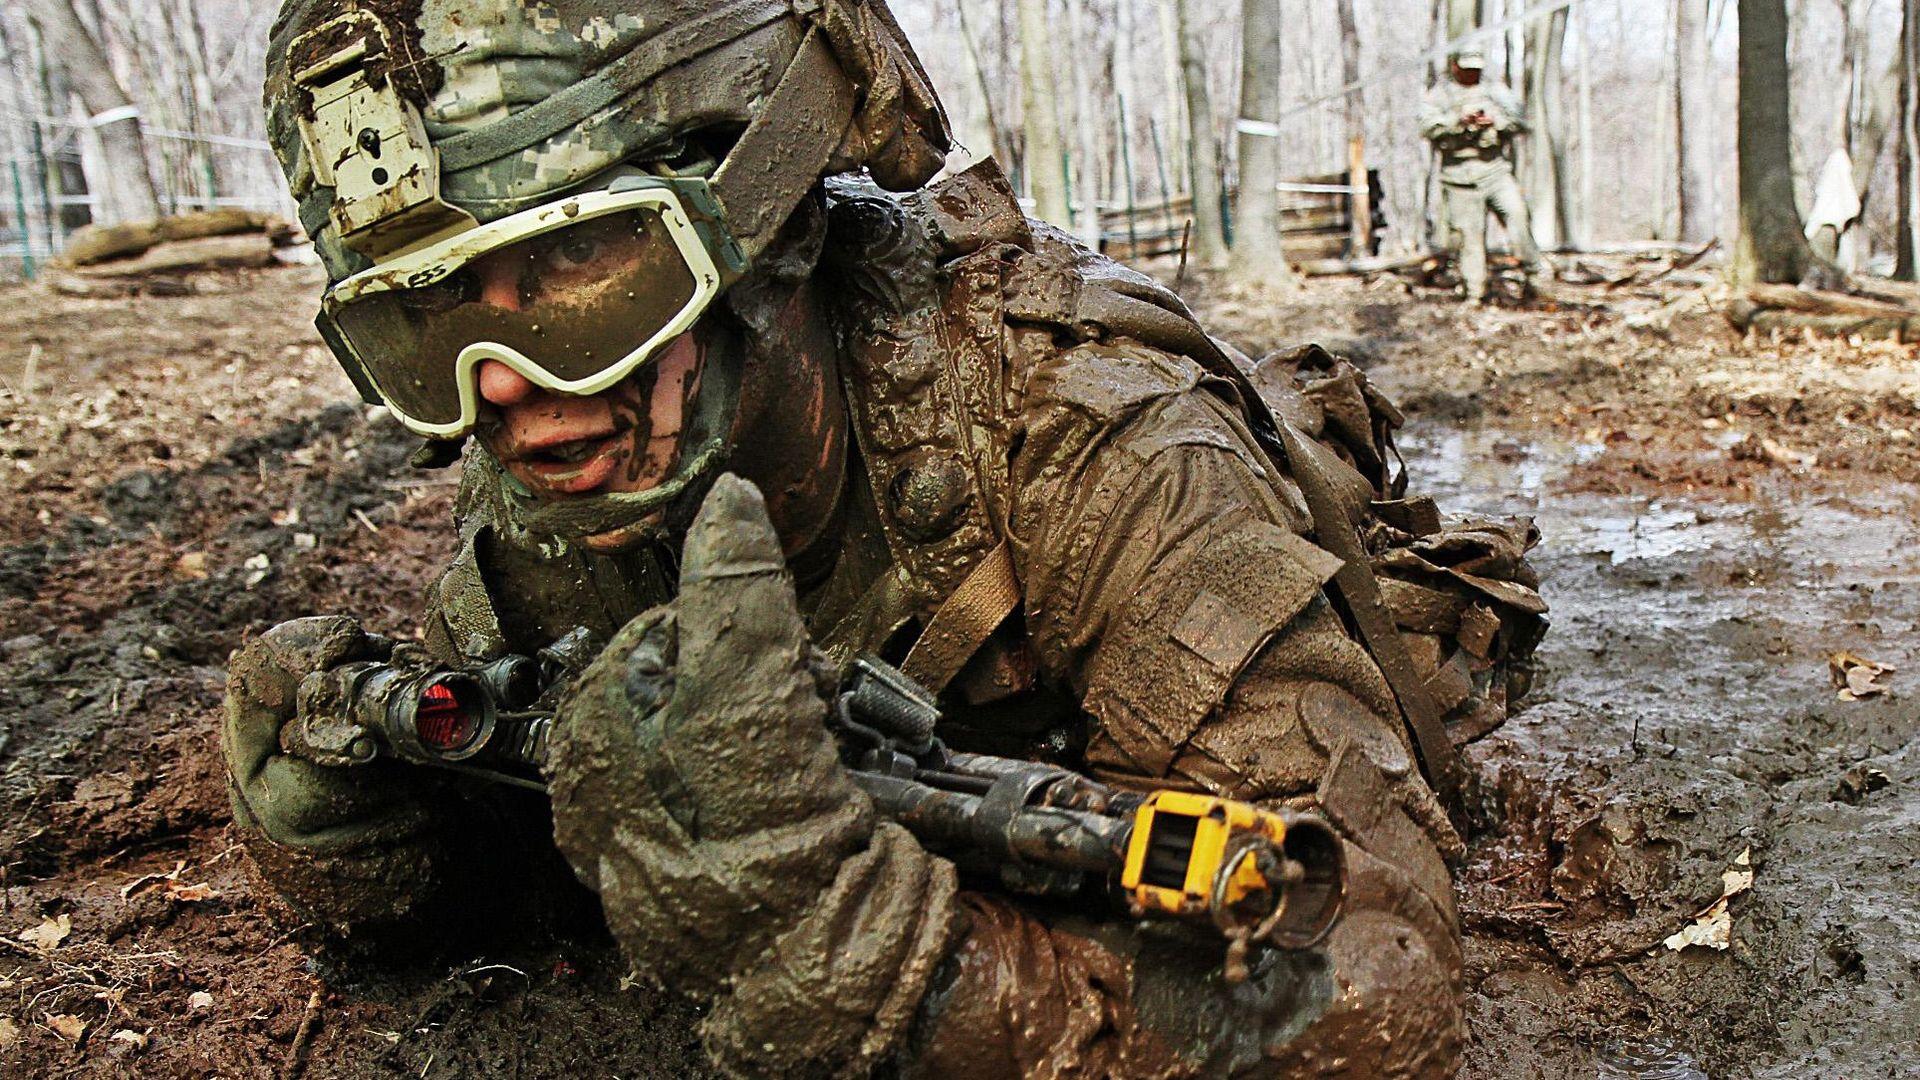 soldat_jeu-de-guerre_wallpaper_4